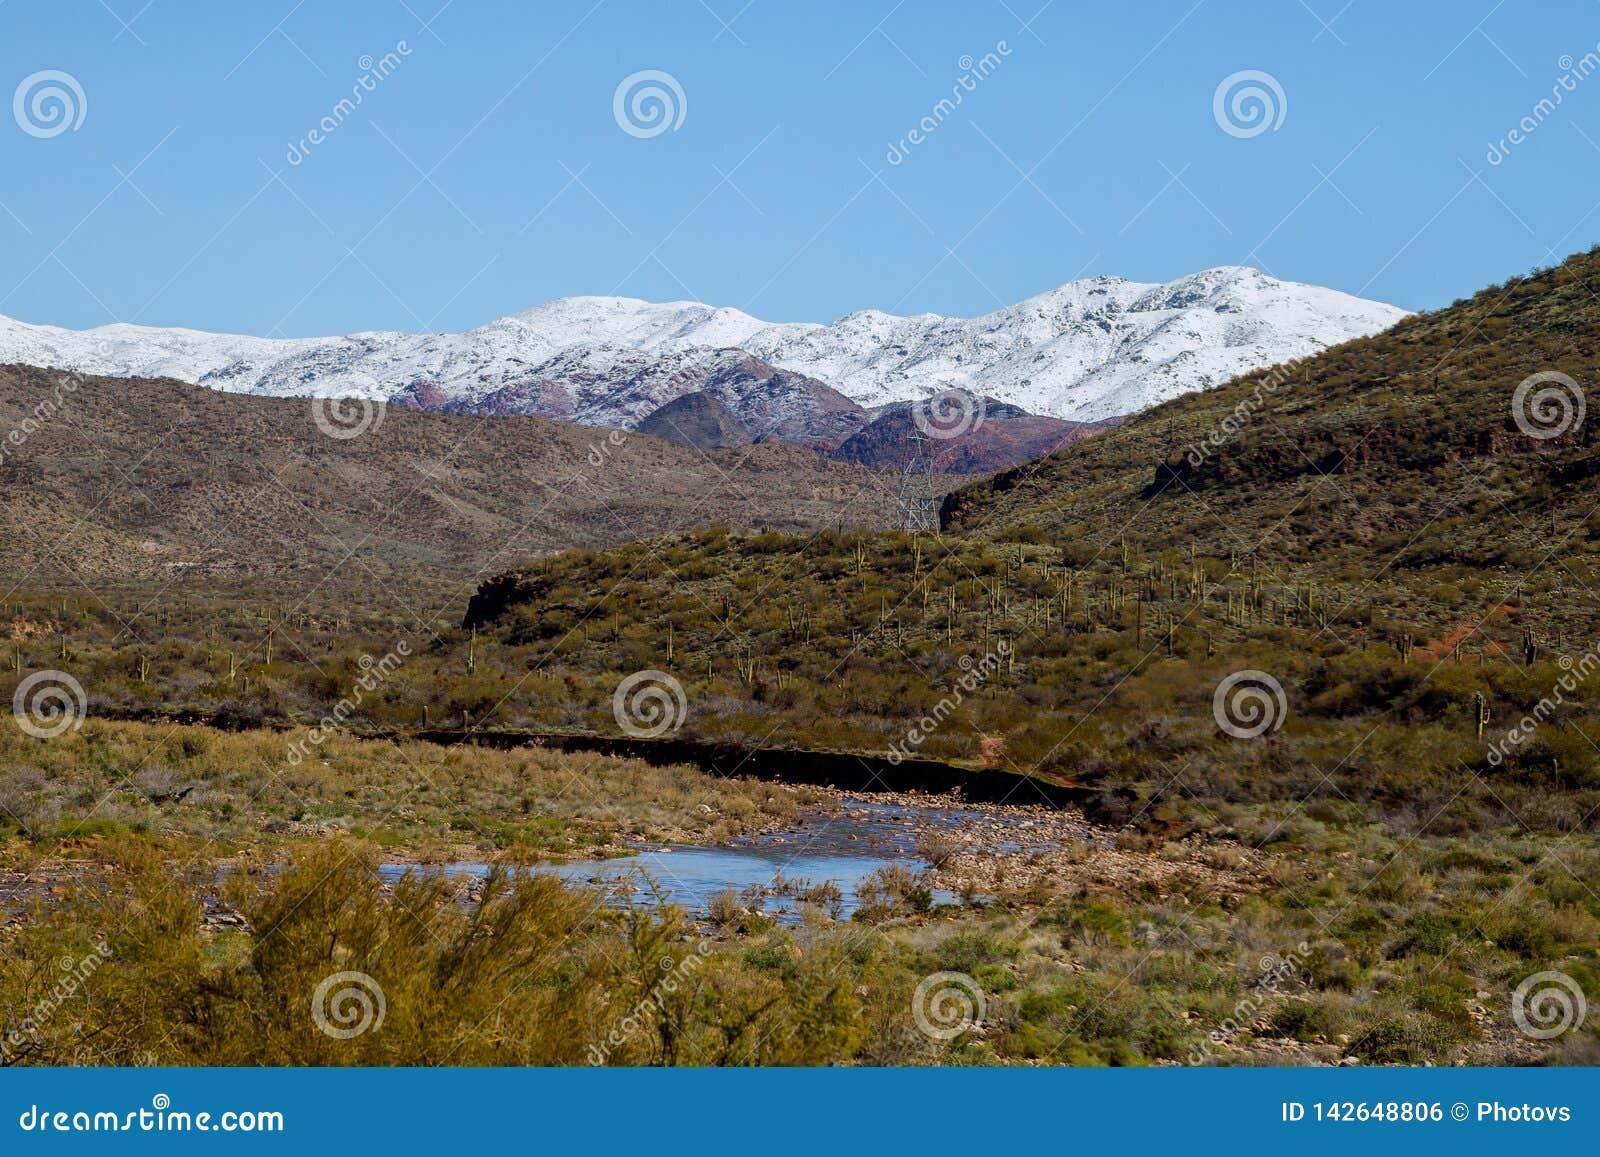 Montañas nevadas en el desierto del sudoeste